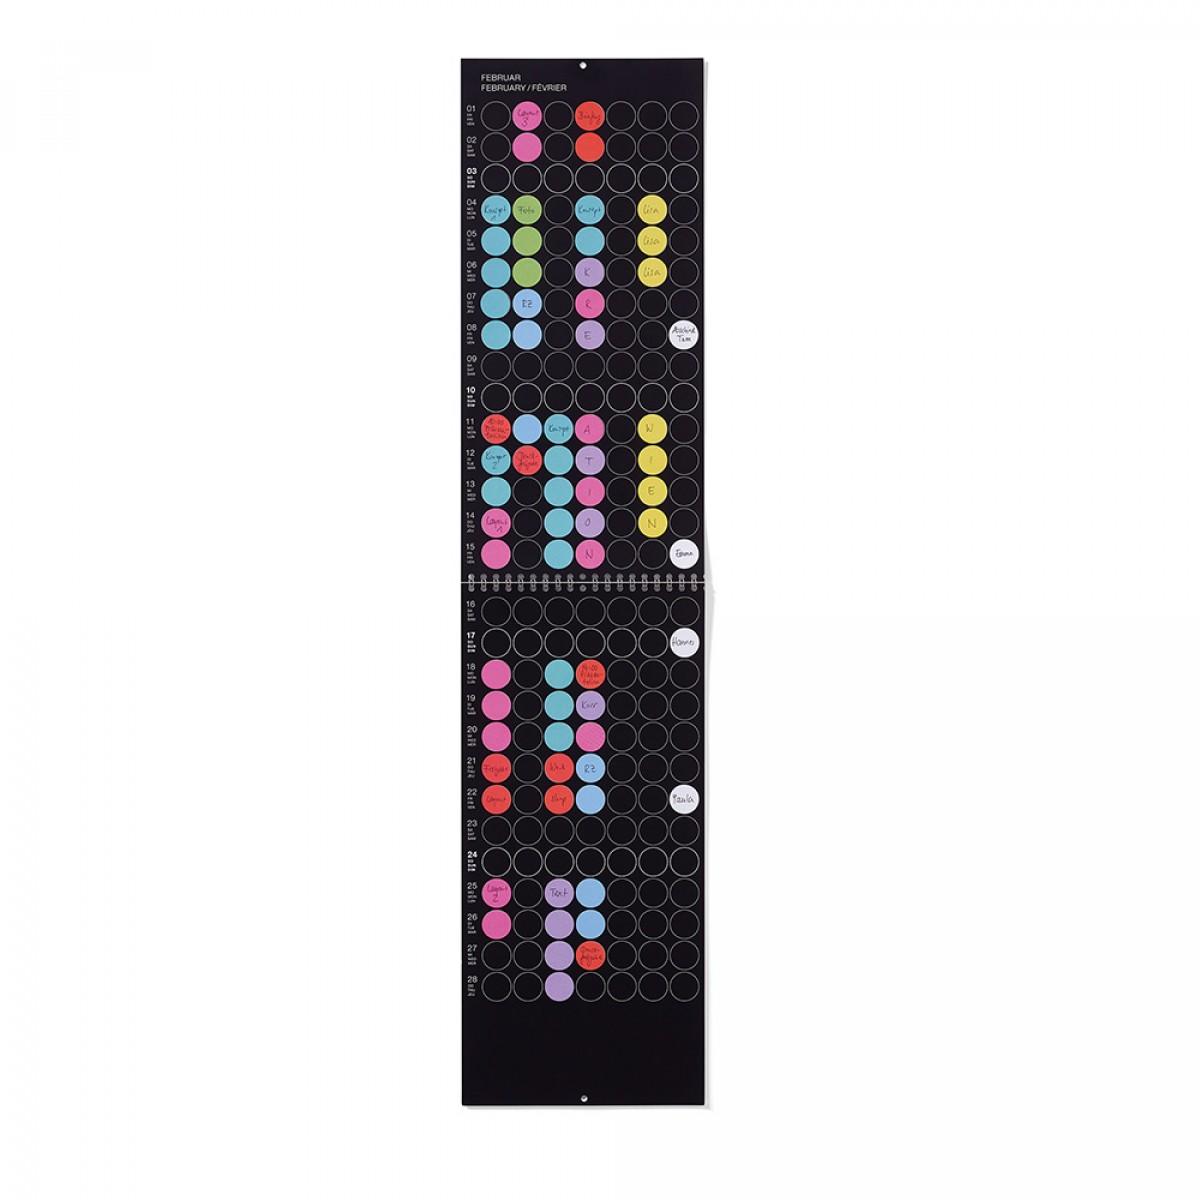 dot on maxi / Monatsplaner 2019 – mit über 700 Klebepunkten in 12 Farben